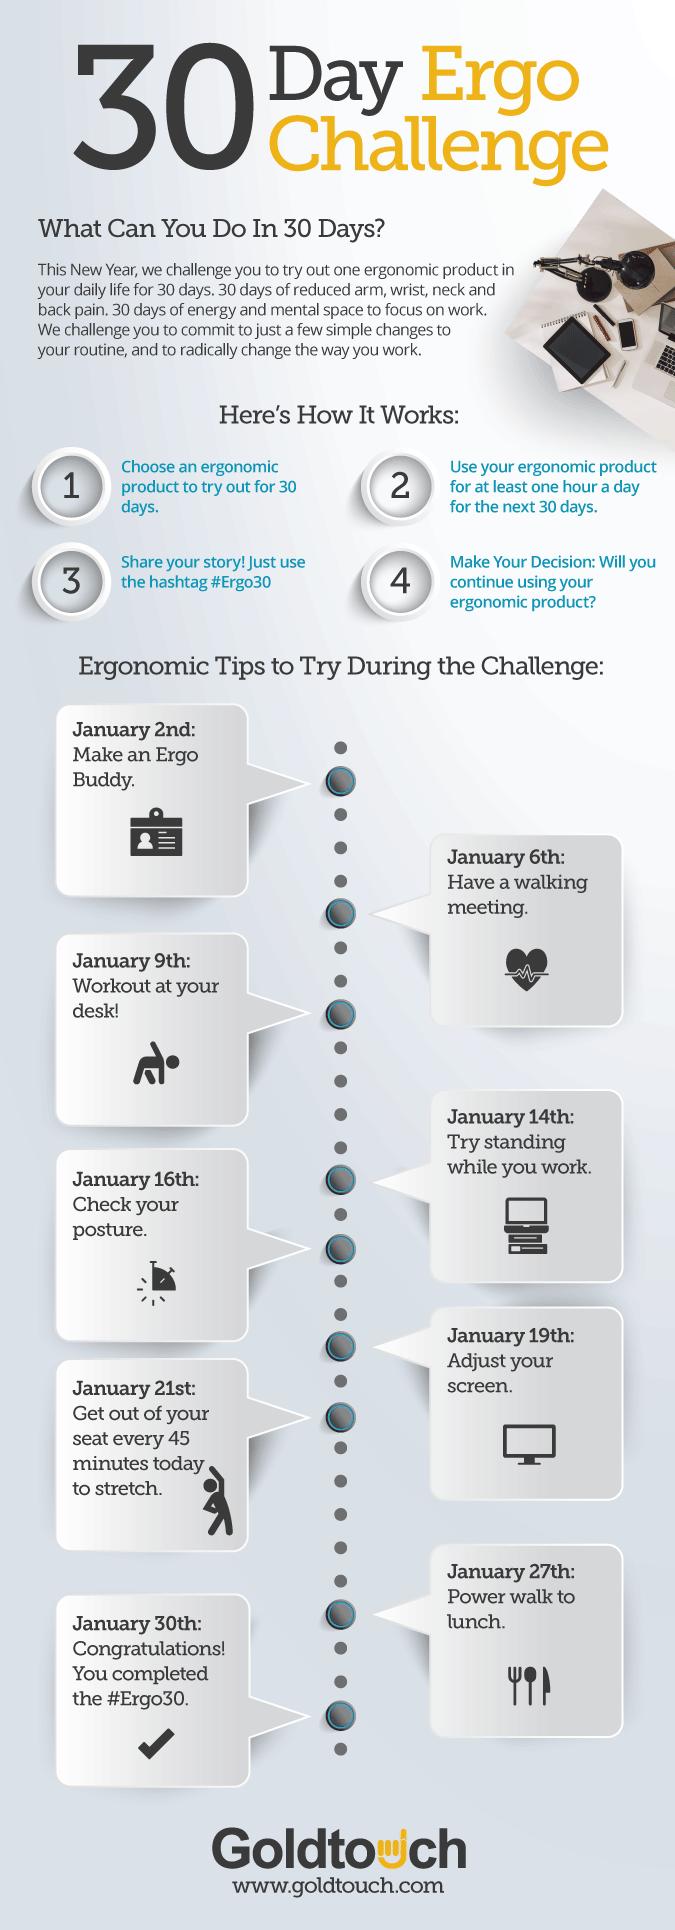 30 Day Ergo Challenge